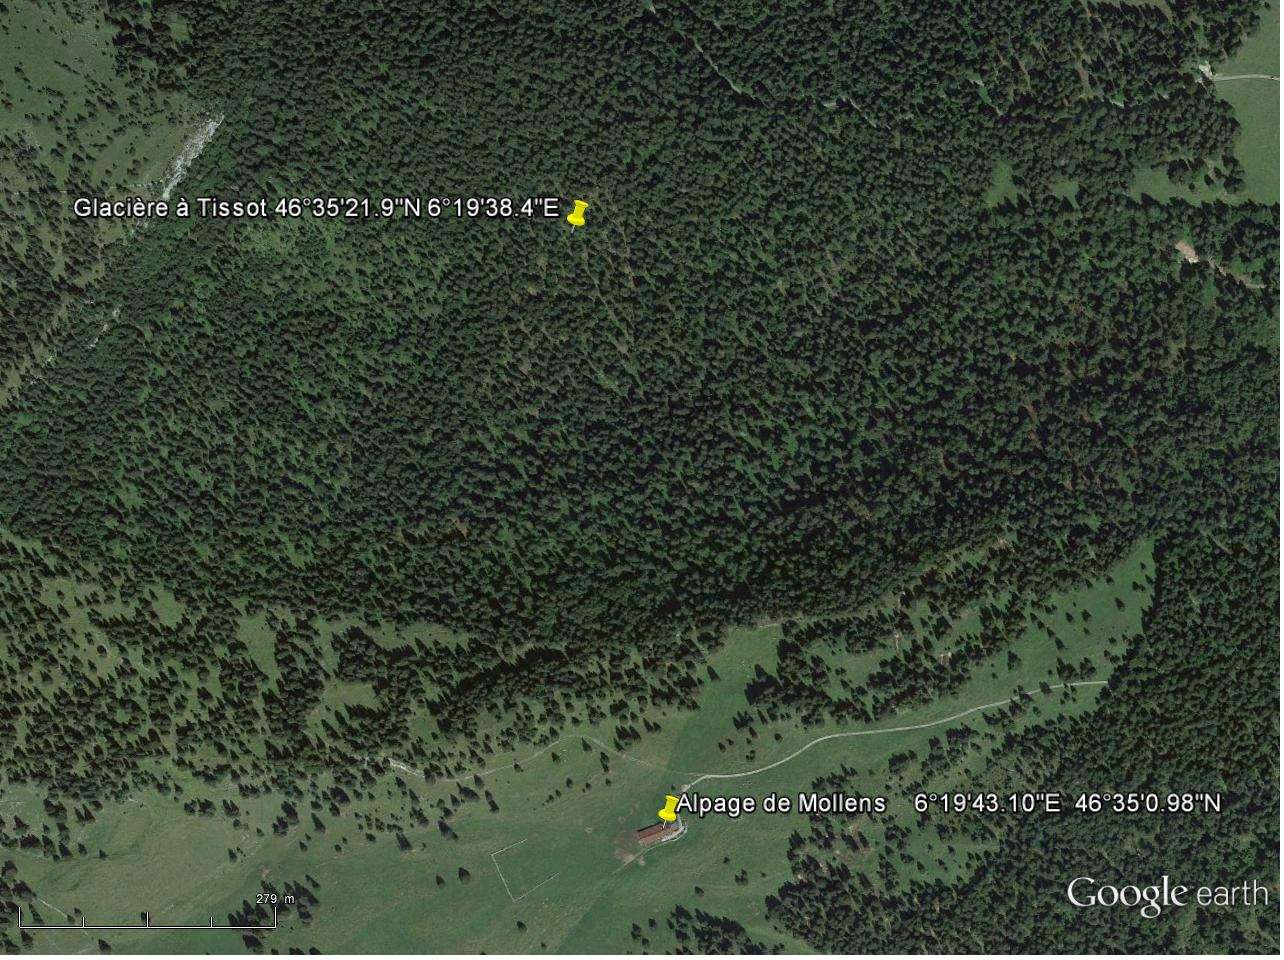 Les glacières découvertes avec Google Earth - Page 2 Alpage12